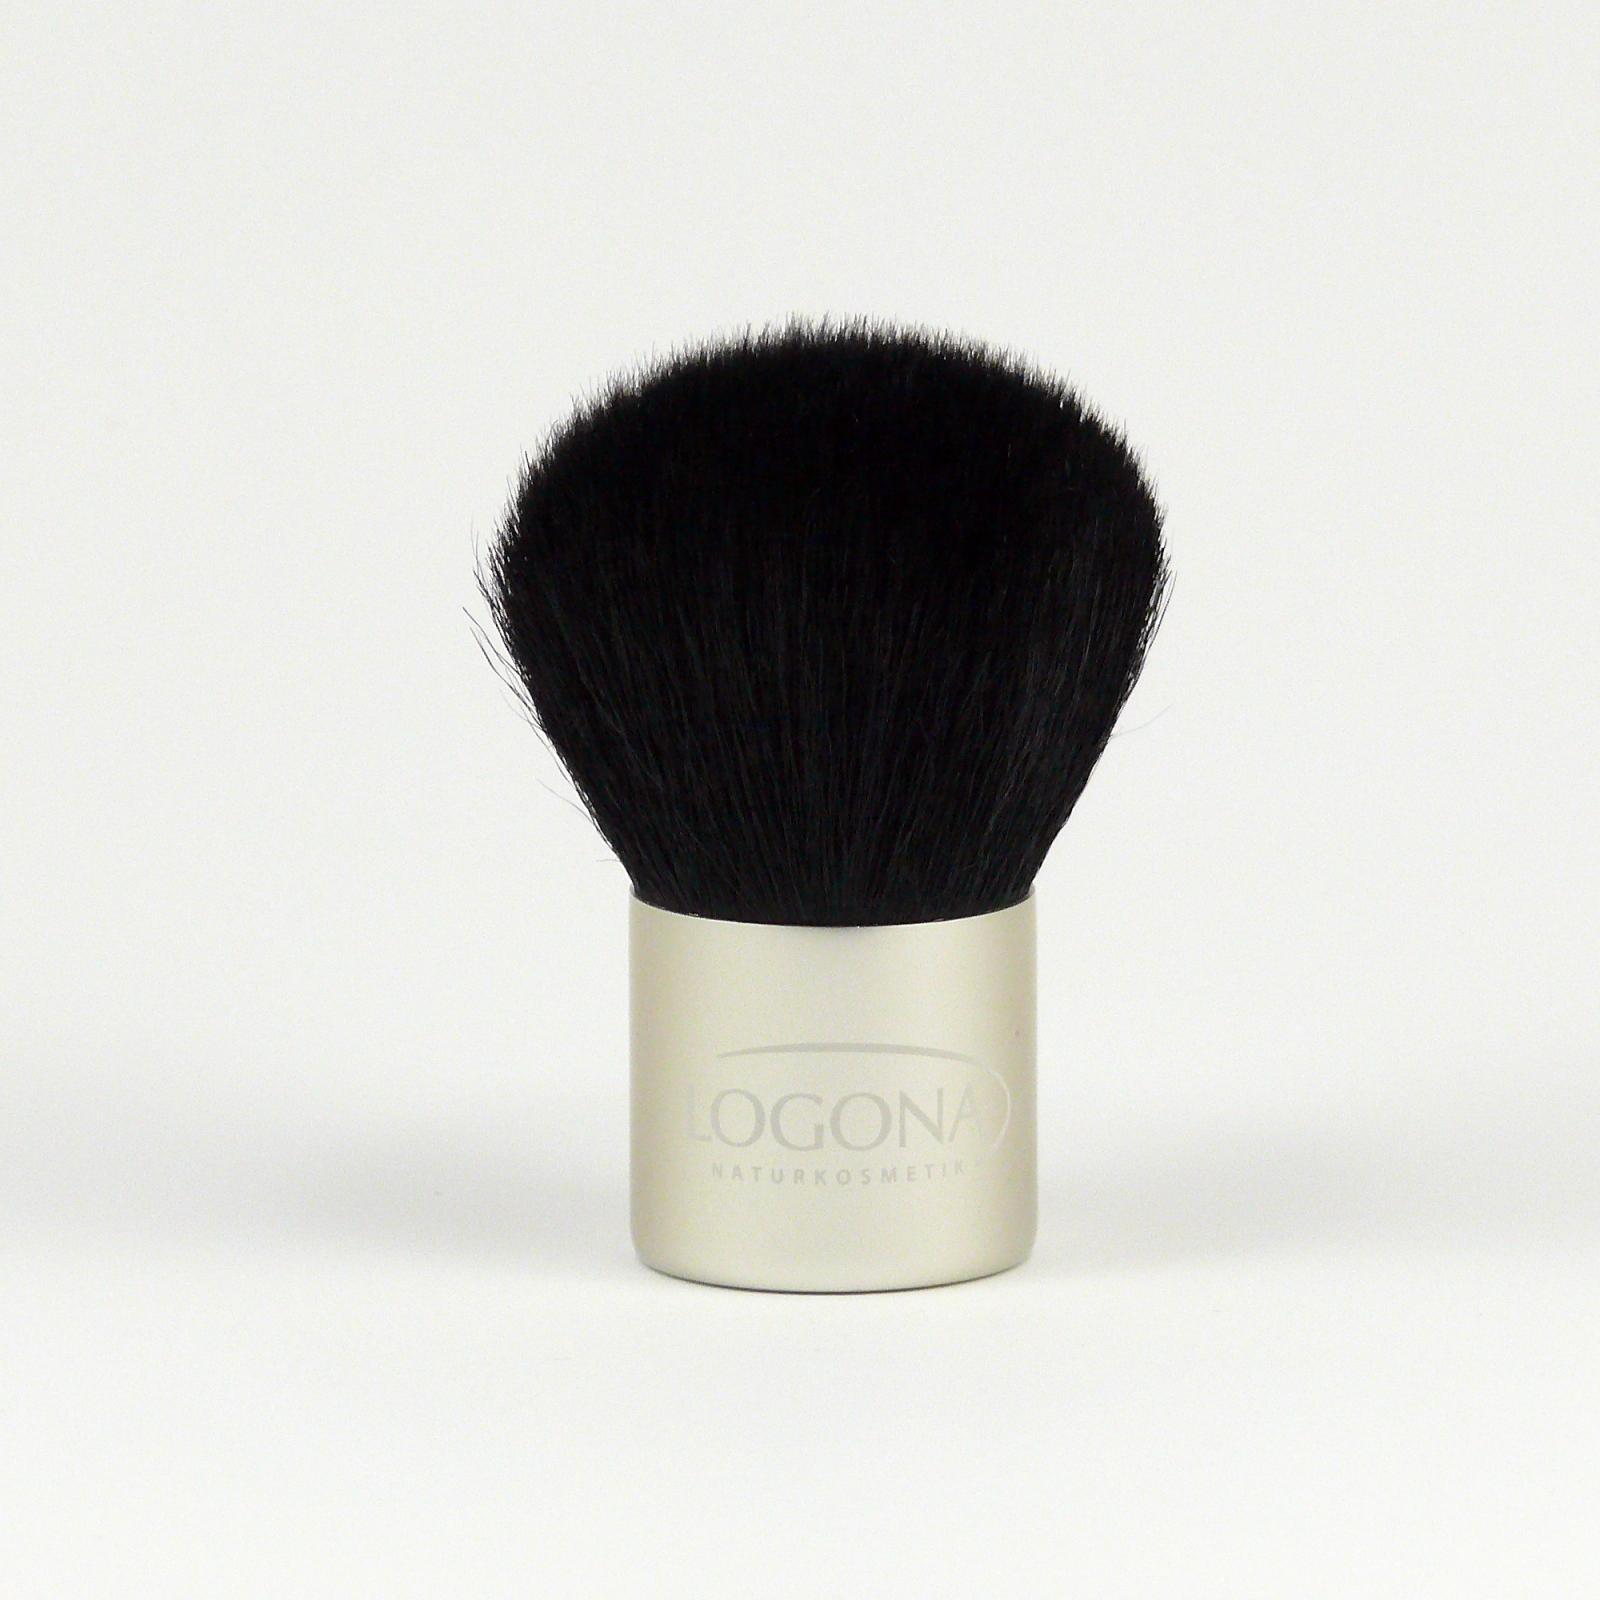 Logona Štětec Kabuki Powder Brush 1 ks